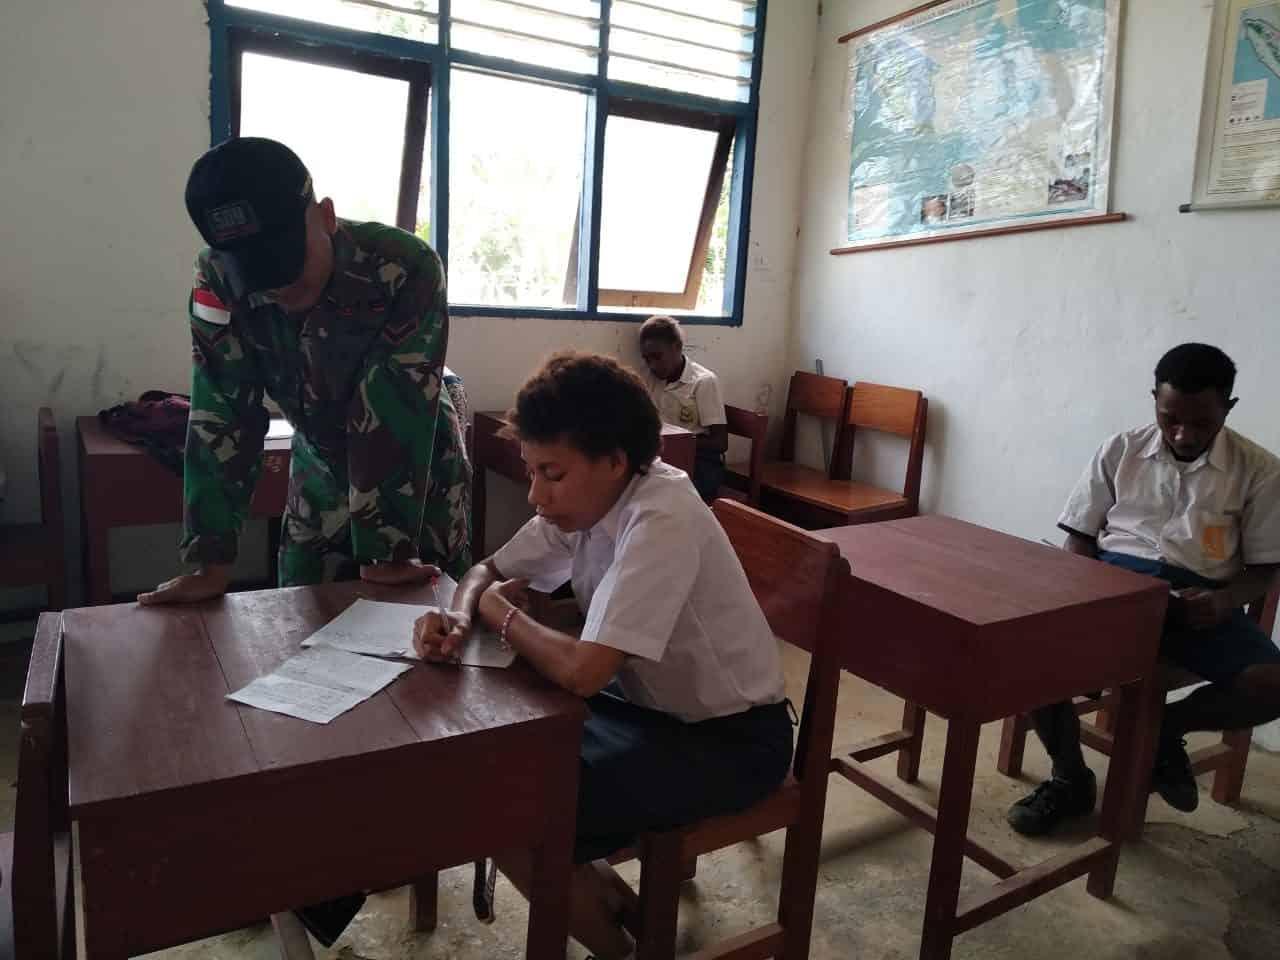 Peduli Pendidikan, Satgas Yonif 509 Ajari Hitung Cepat Pelajar SMP Yuruf